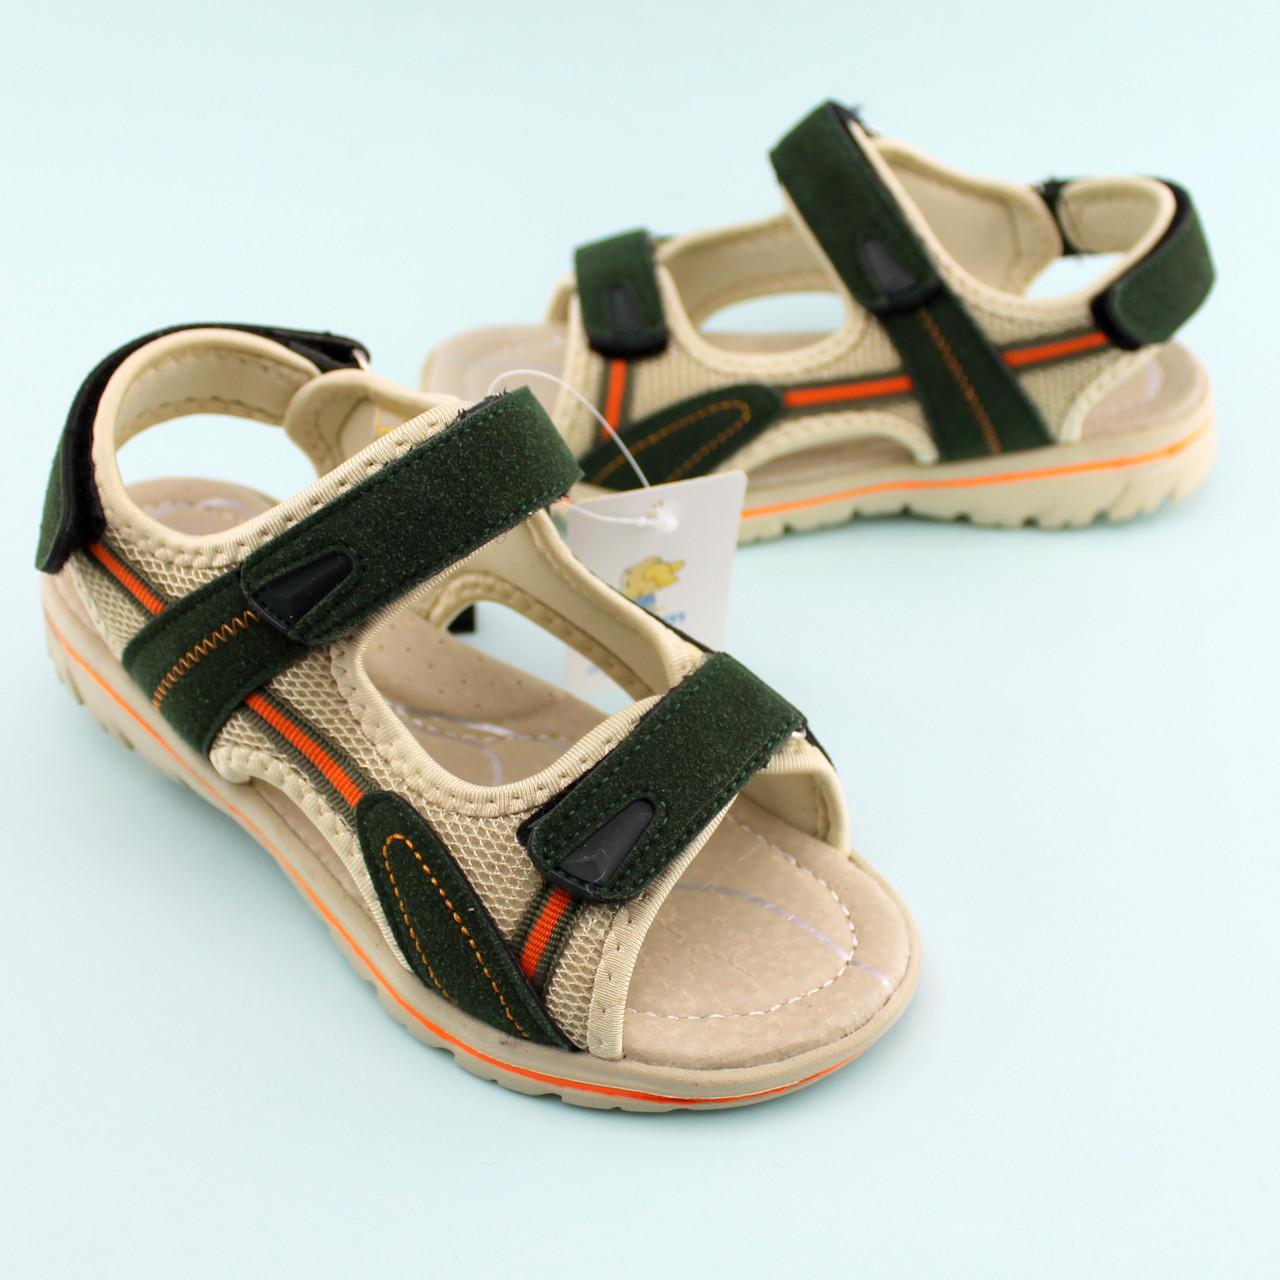 Спортивные сандалии открытые для мальчика Том.м размер 36,37